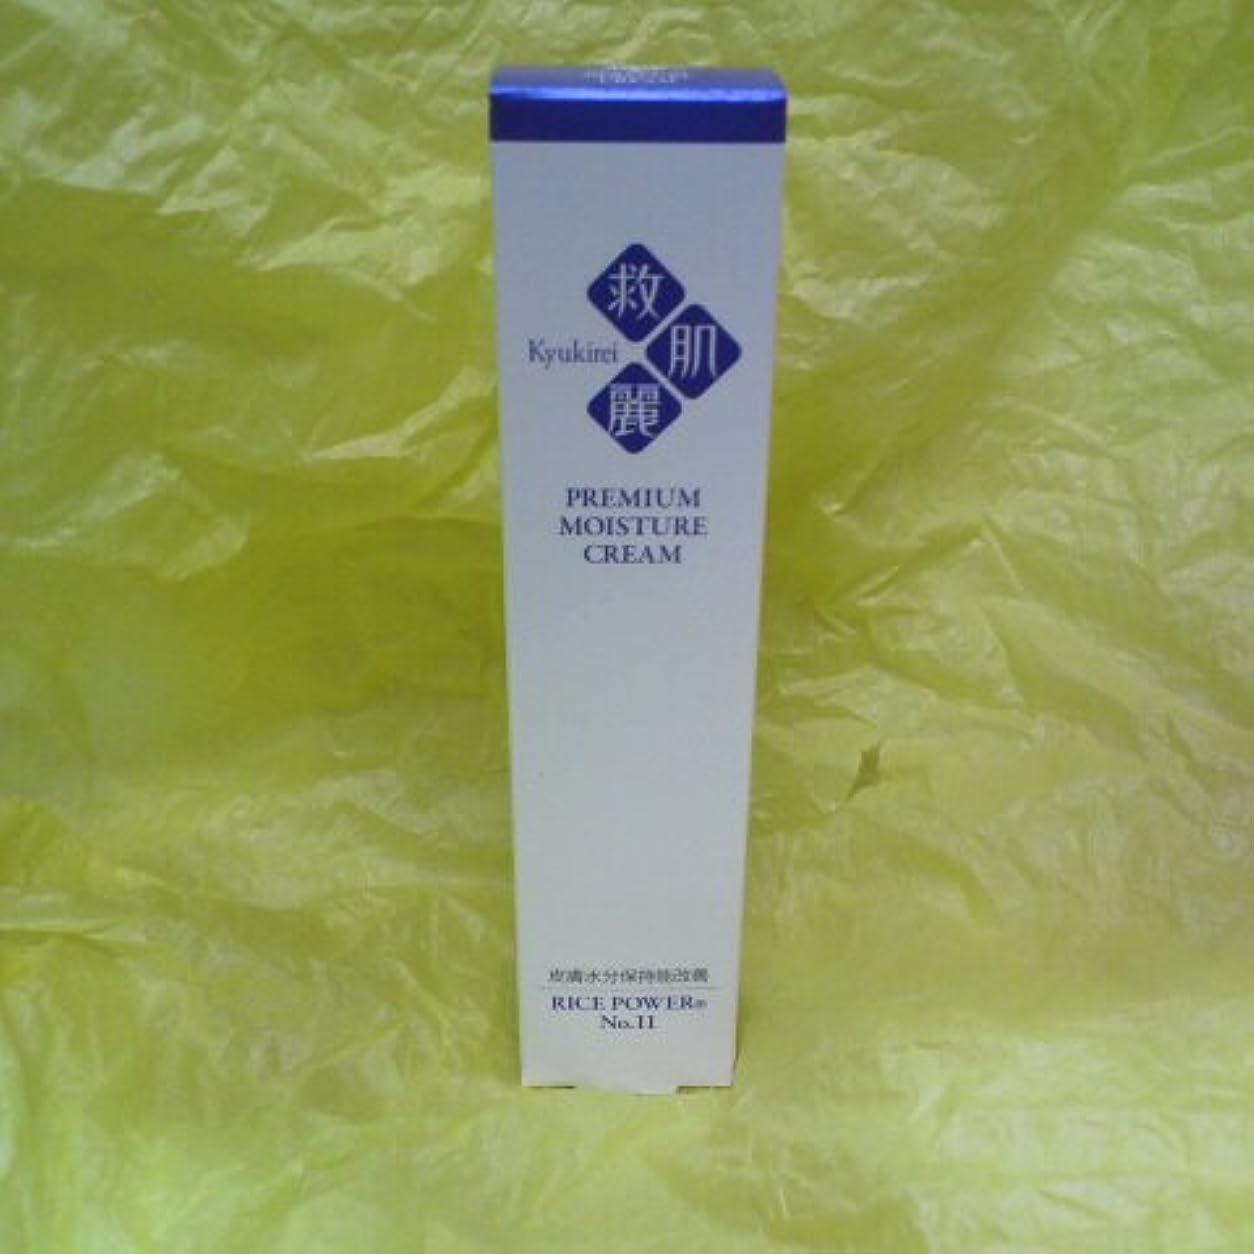 信念事実上場所救肌麗 薬用クリーム 40g (ライスパワー№11配合 無香料、無着色)医薬部外品